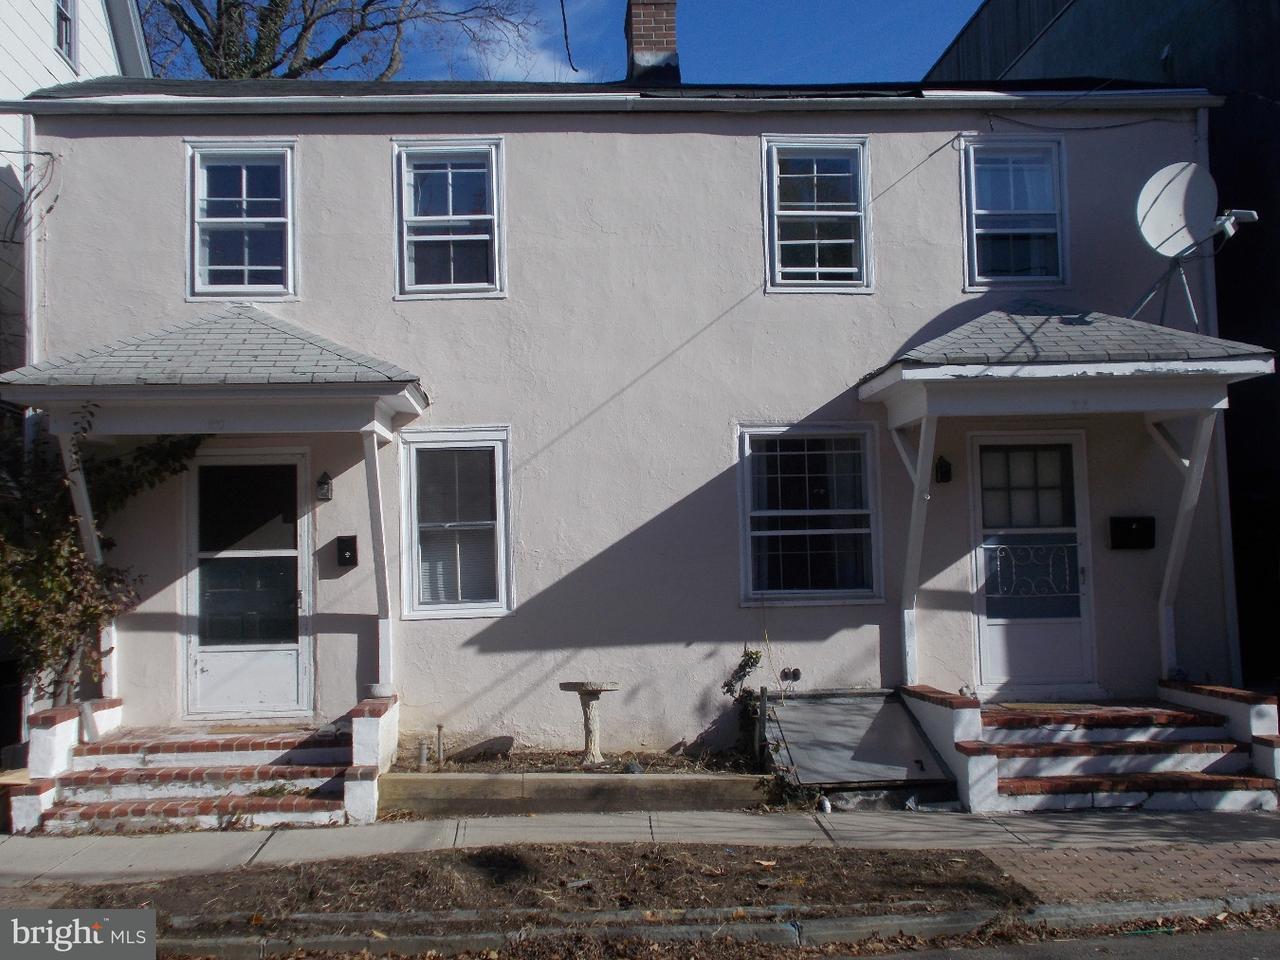 タウンハウス のために 売買 アット 20-22 CHARLTON Street Princeton, ニュージャージー 08540 アメリカ合衆国で/アラウンド: Princeton